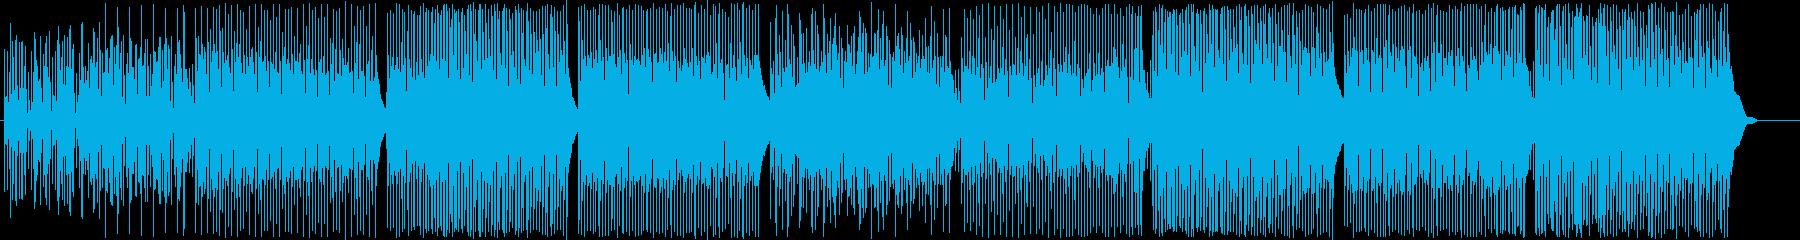 前向きで楽しいウクレレポップ-動画CM♫の再生済みの波形